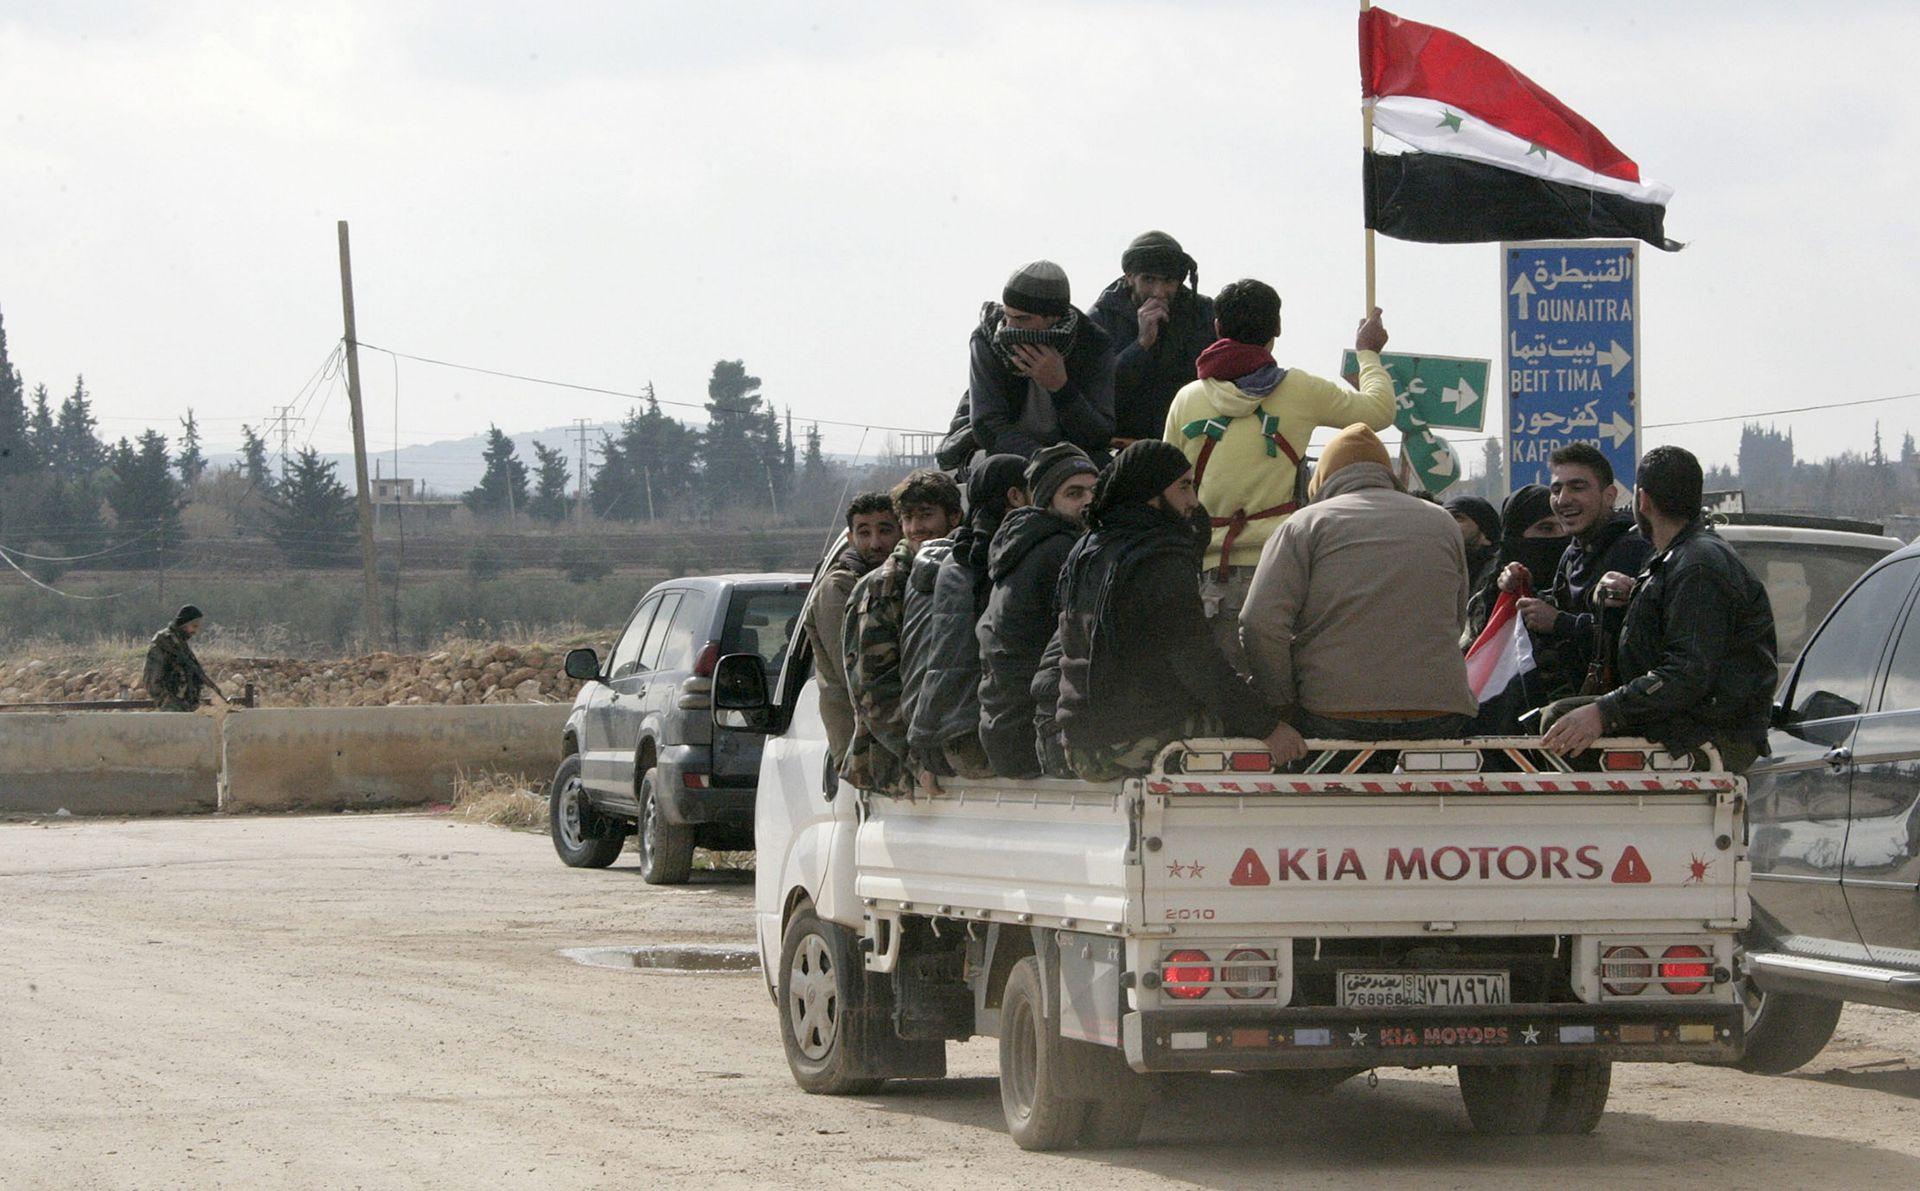 SIRIJA Rusi greškom bombardirali saveznike iz koalicije